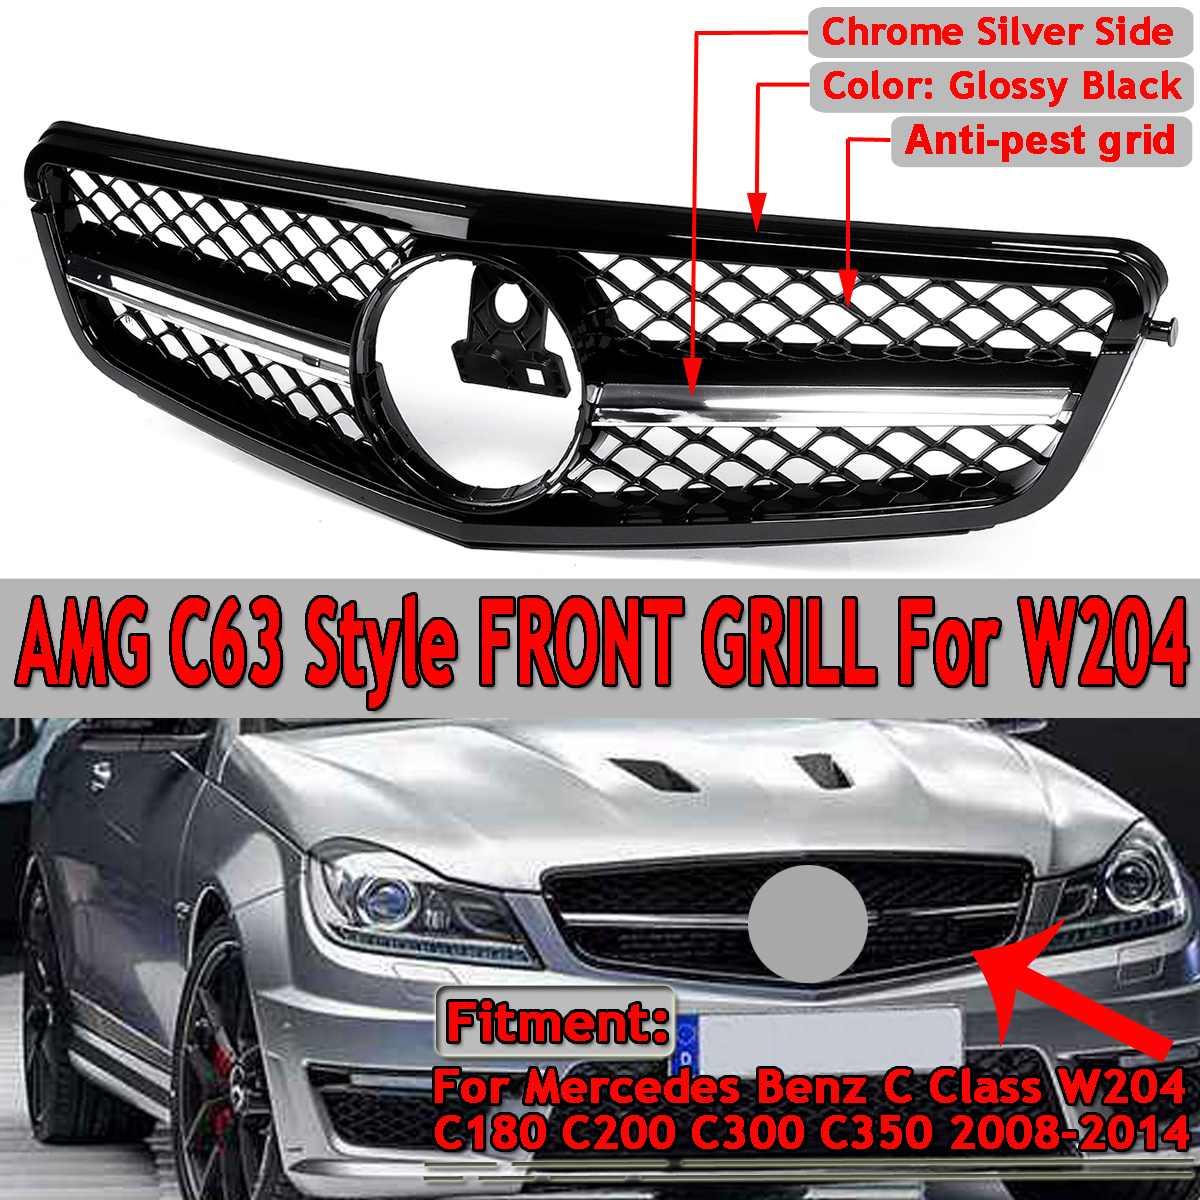 AMG C63 스타일 용 벤츠 C 클래스 W204 C180 C200 C300 C350 2008-14 레이싱 그릴 용 메르세데스 용 신차 전면 그릴 그릴